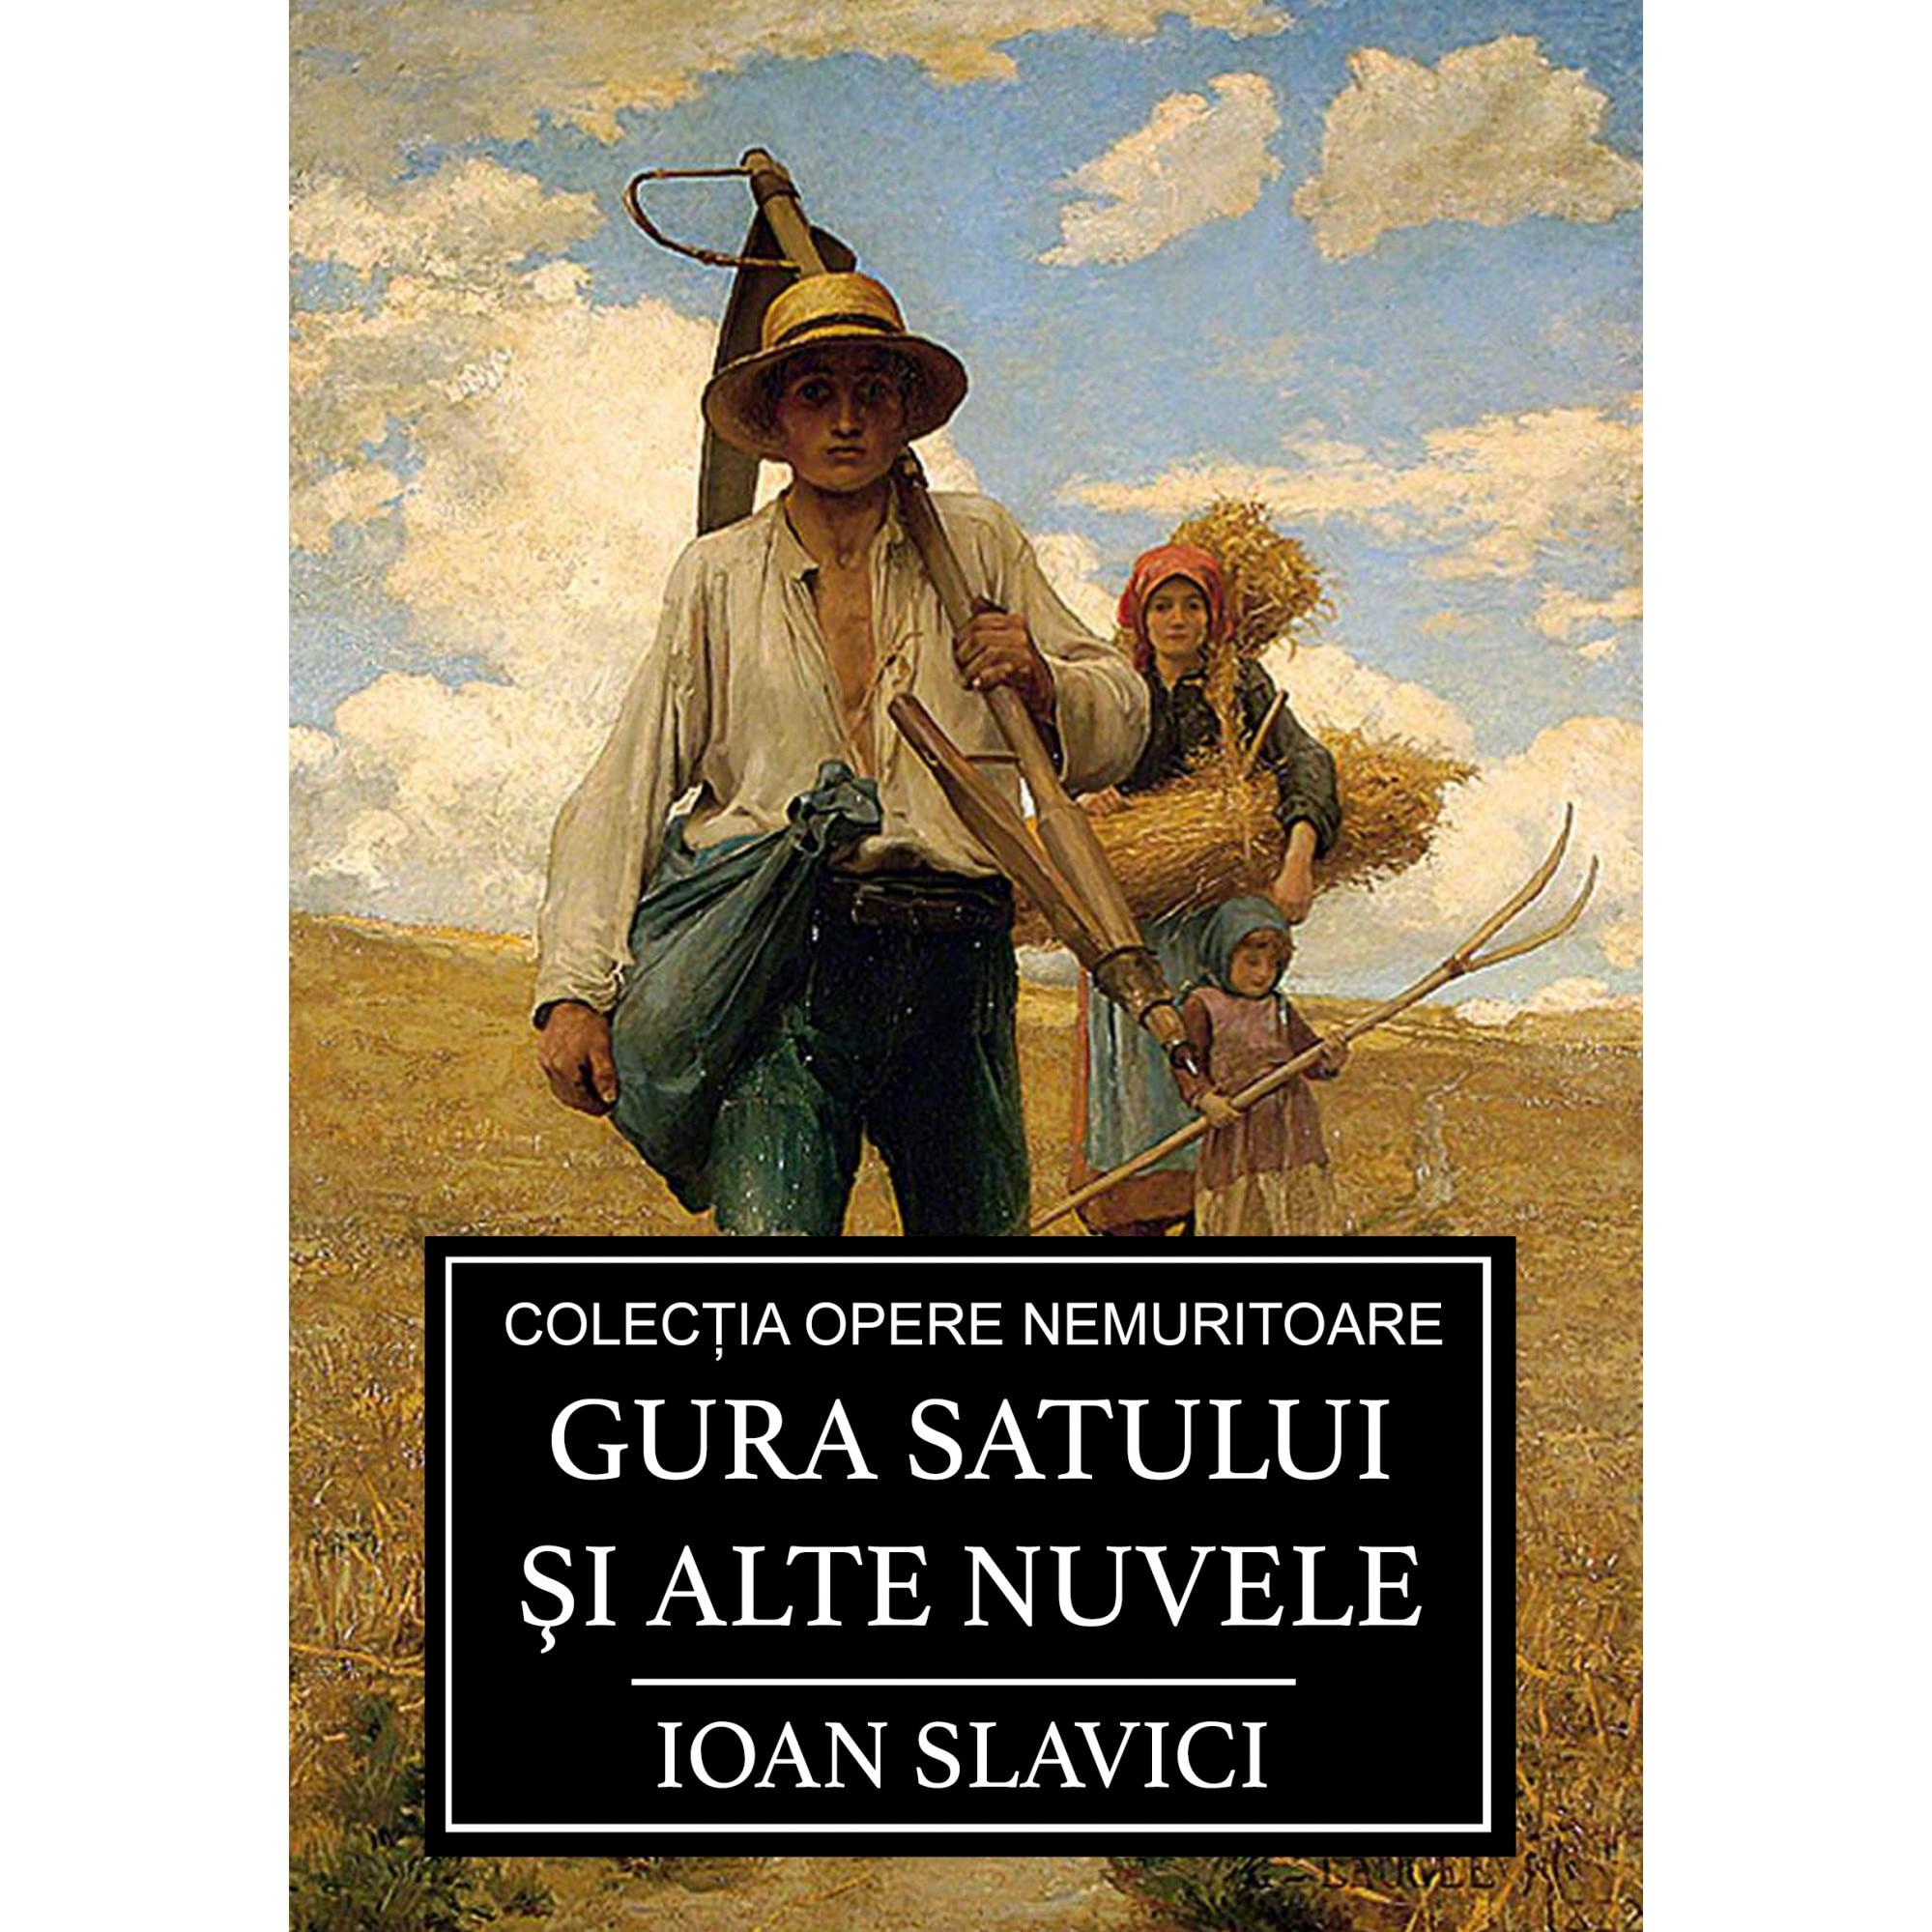 Gura satului si alte nuvele - Ioan Slavici - eMAG.ro